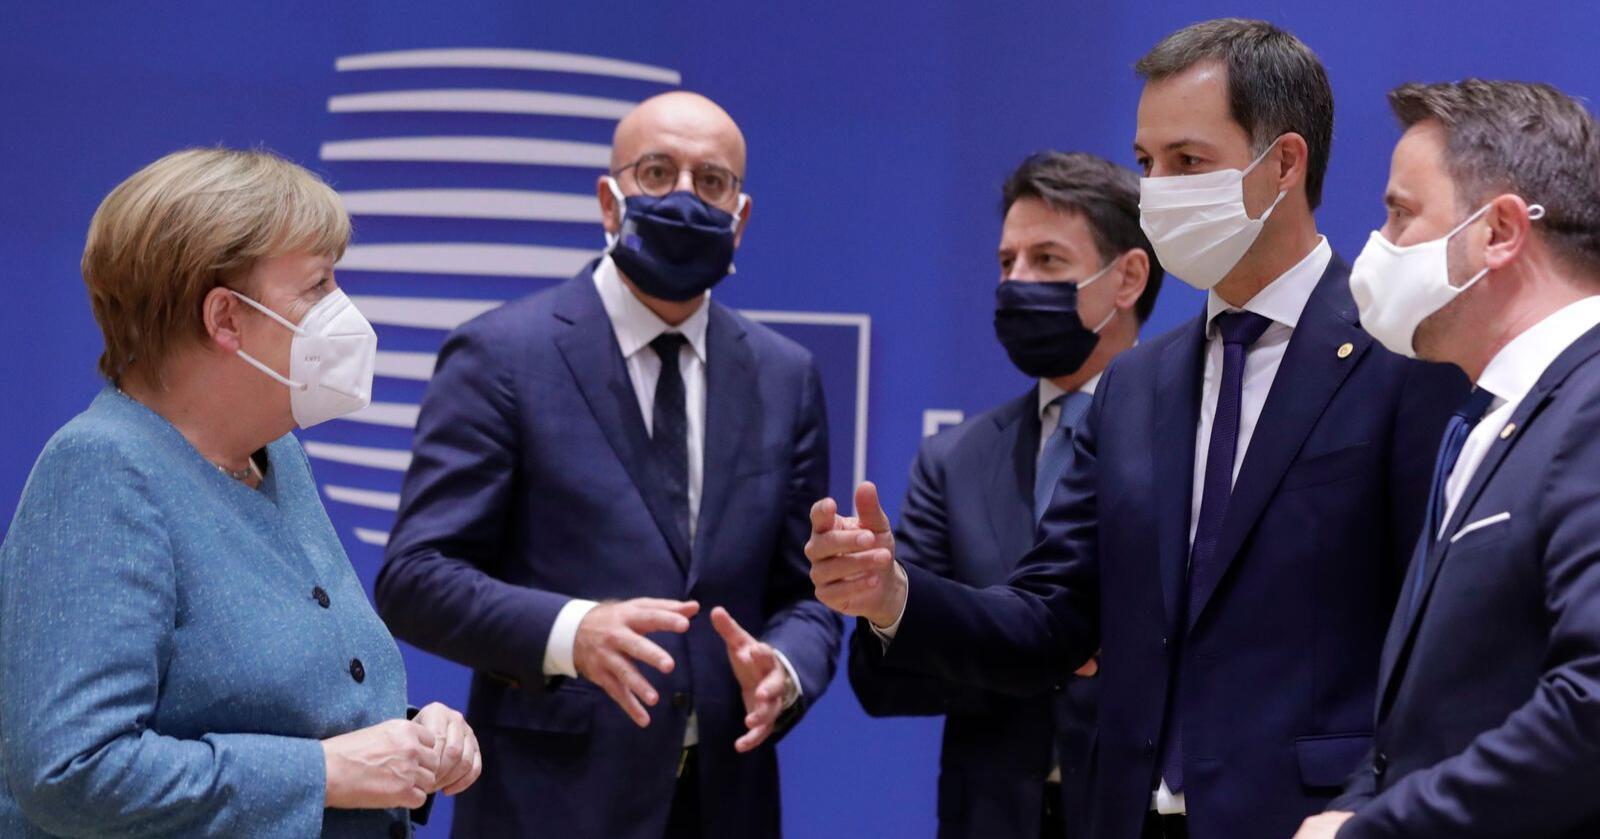 Bare to uker etter forrige toppmøte, skal EU-president Charles Michel (i midten, med briller) lede en ny samling i Brussel. Hovedsaken skulle være det fremtidige forholdet til Storbritannia, men der har forhandlingene fortsatt ikke ført til noe resultat lederne kan diskutere. Bildet er tatt sist gang EU-landenes ledere – inkludert statsministrene Angela Merkel (Tyskland, til venstre), Giuseppe Conte (Italia), Alexander De Croo (Belgia) Og Xavier Bettel (Luxembourg) – var den belgiske hovedstaden. Arkivfoto: Olivier Hoslet, Pool via AP / NTB